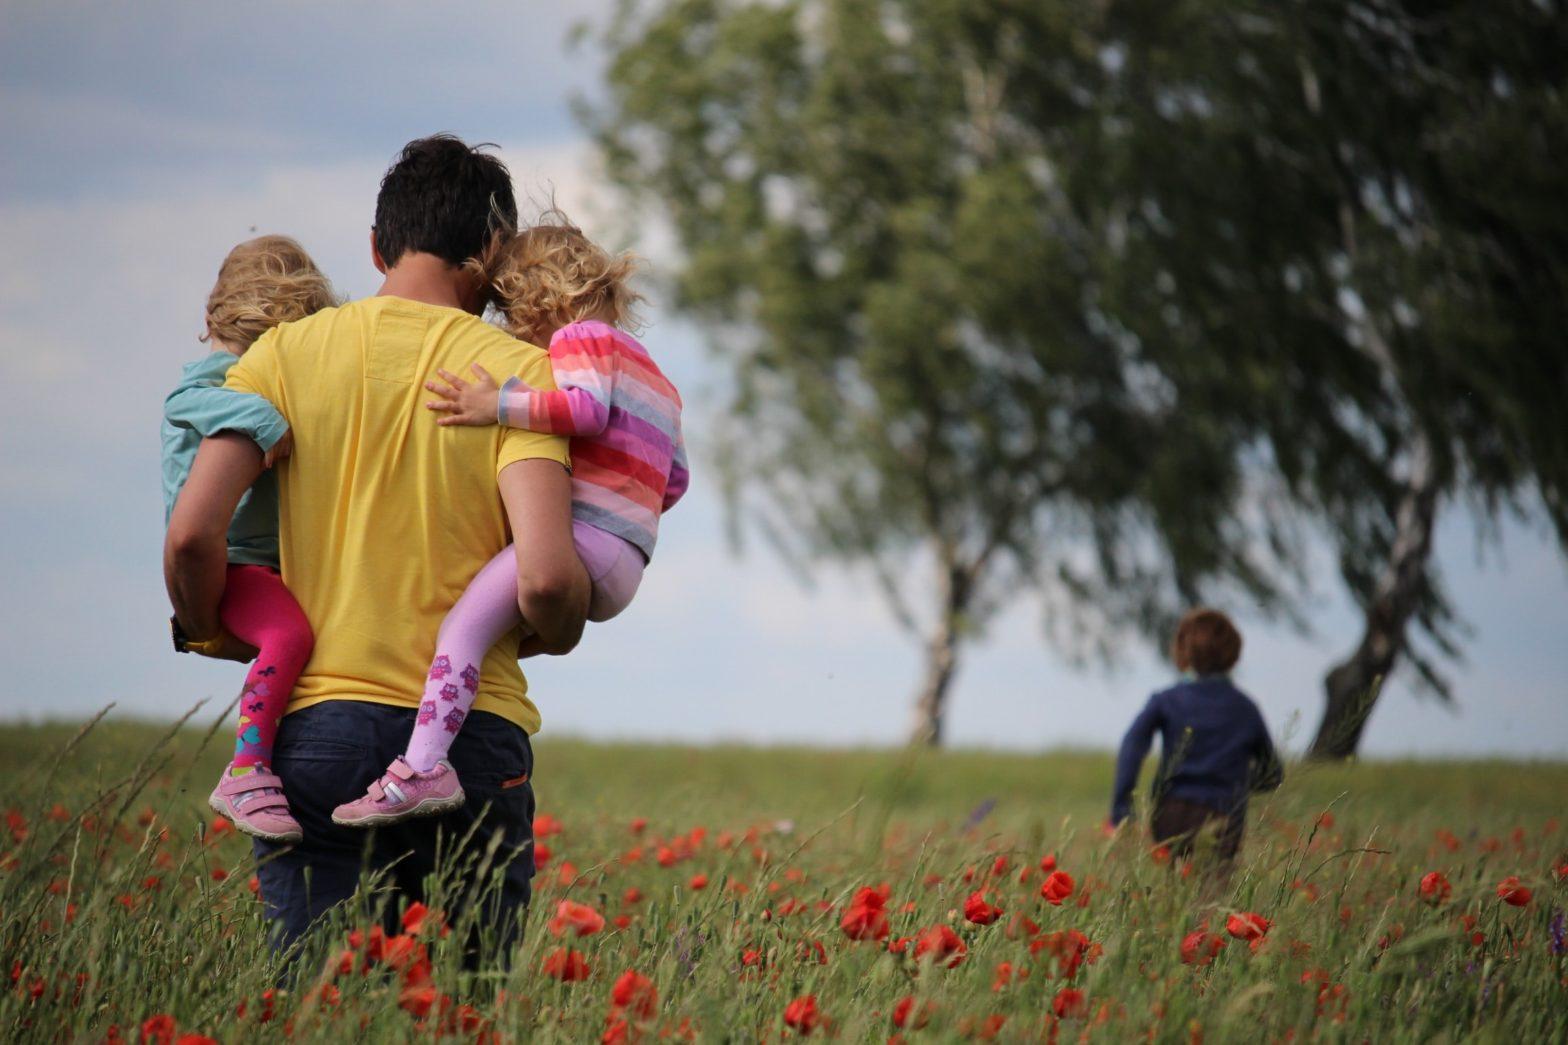 Ein Man der zwei Mädchen in dem Arm auf eine Wiese trägt.Im Vordergrund ist ein Baum und noch eine entfernte Person zu sehen.